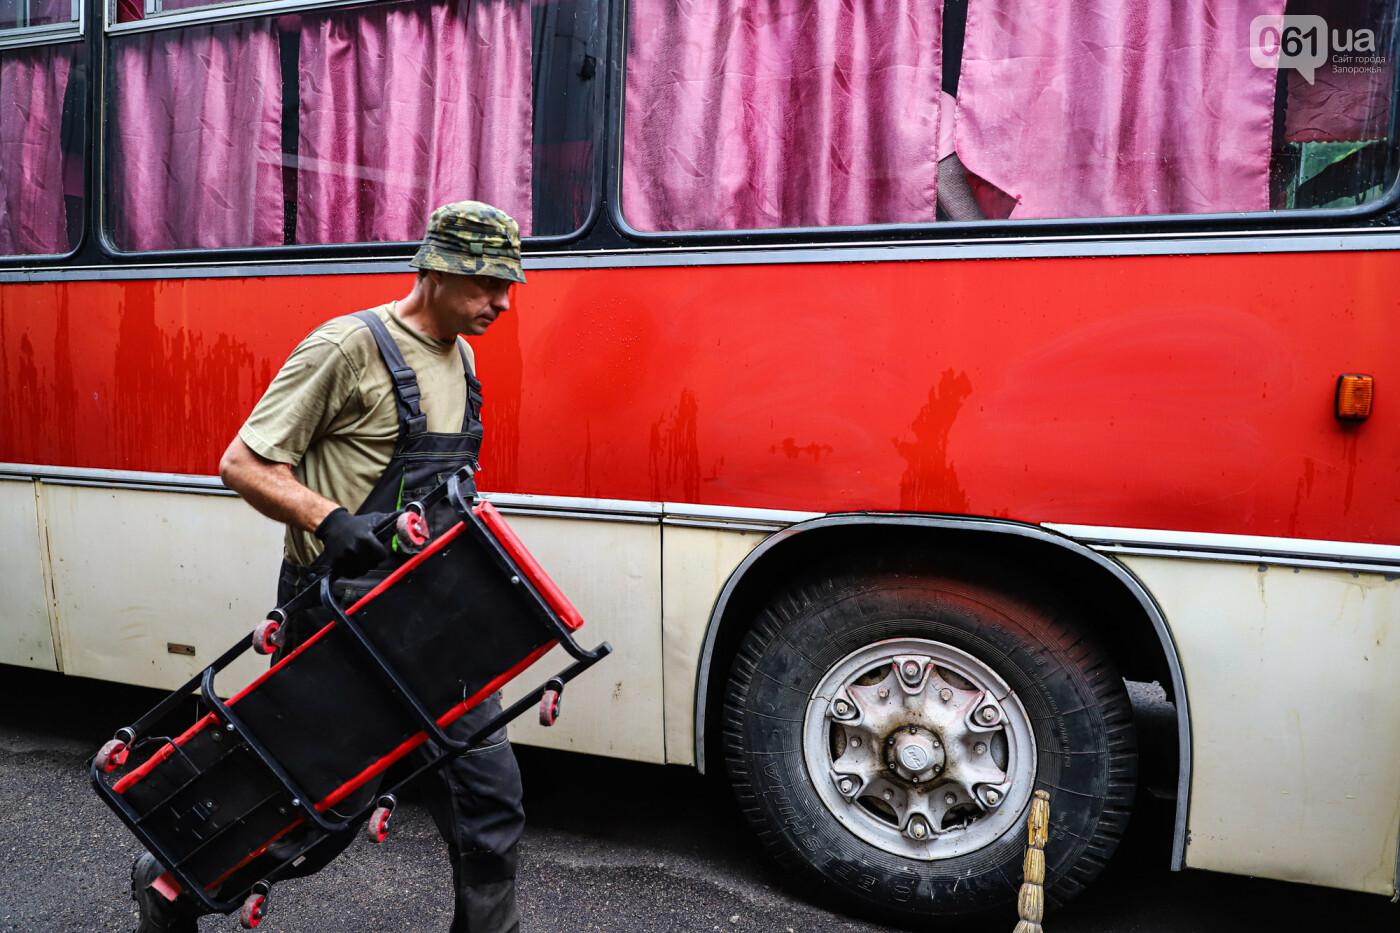 В Запорожье на месте зеленхоза одного из заводов появится Музей специального транспорта, - ФОТОРЕПОРТАЖ, фото-23